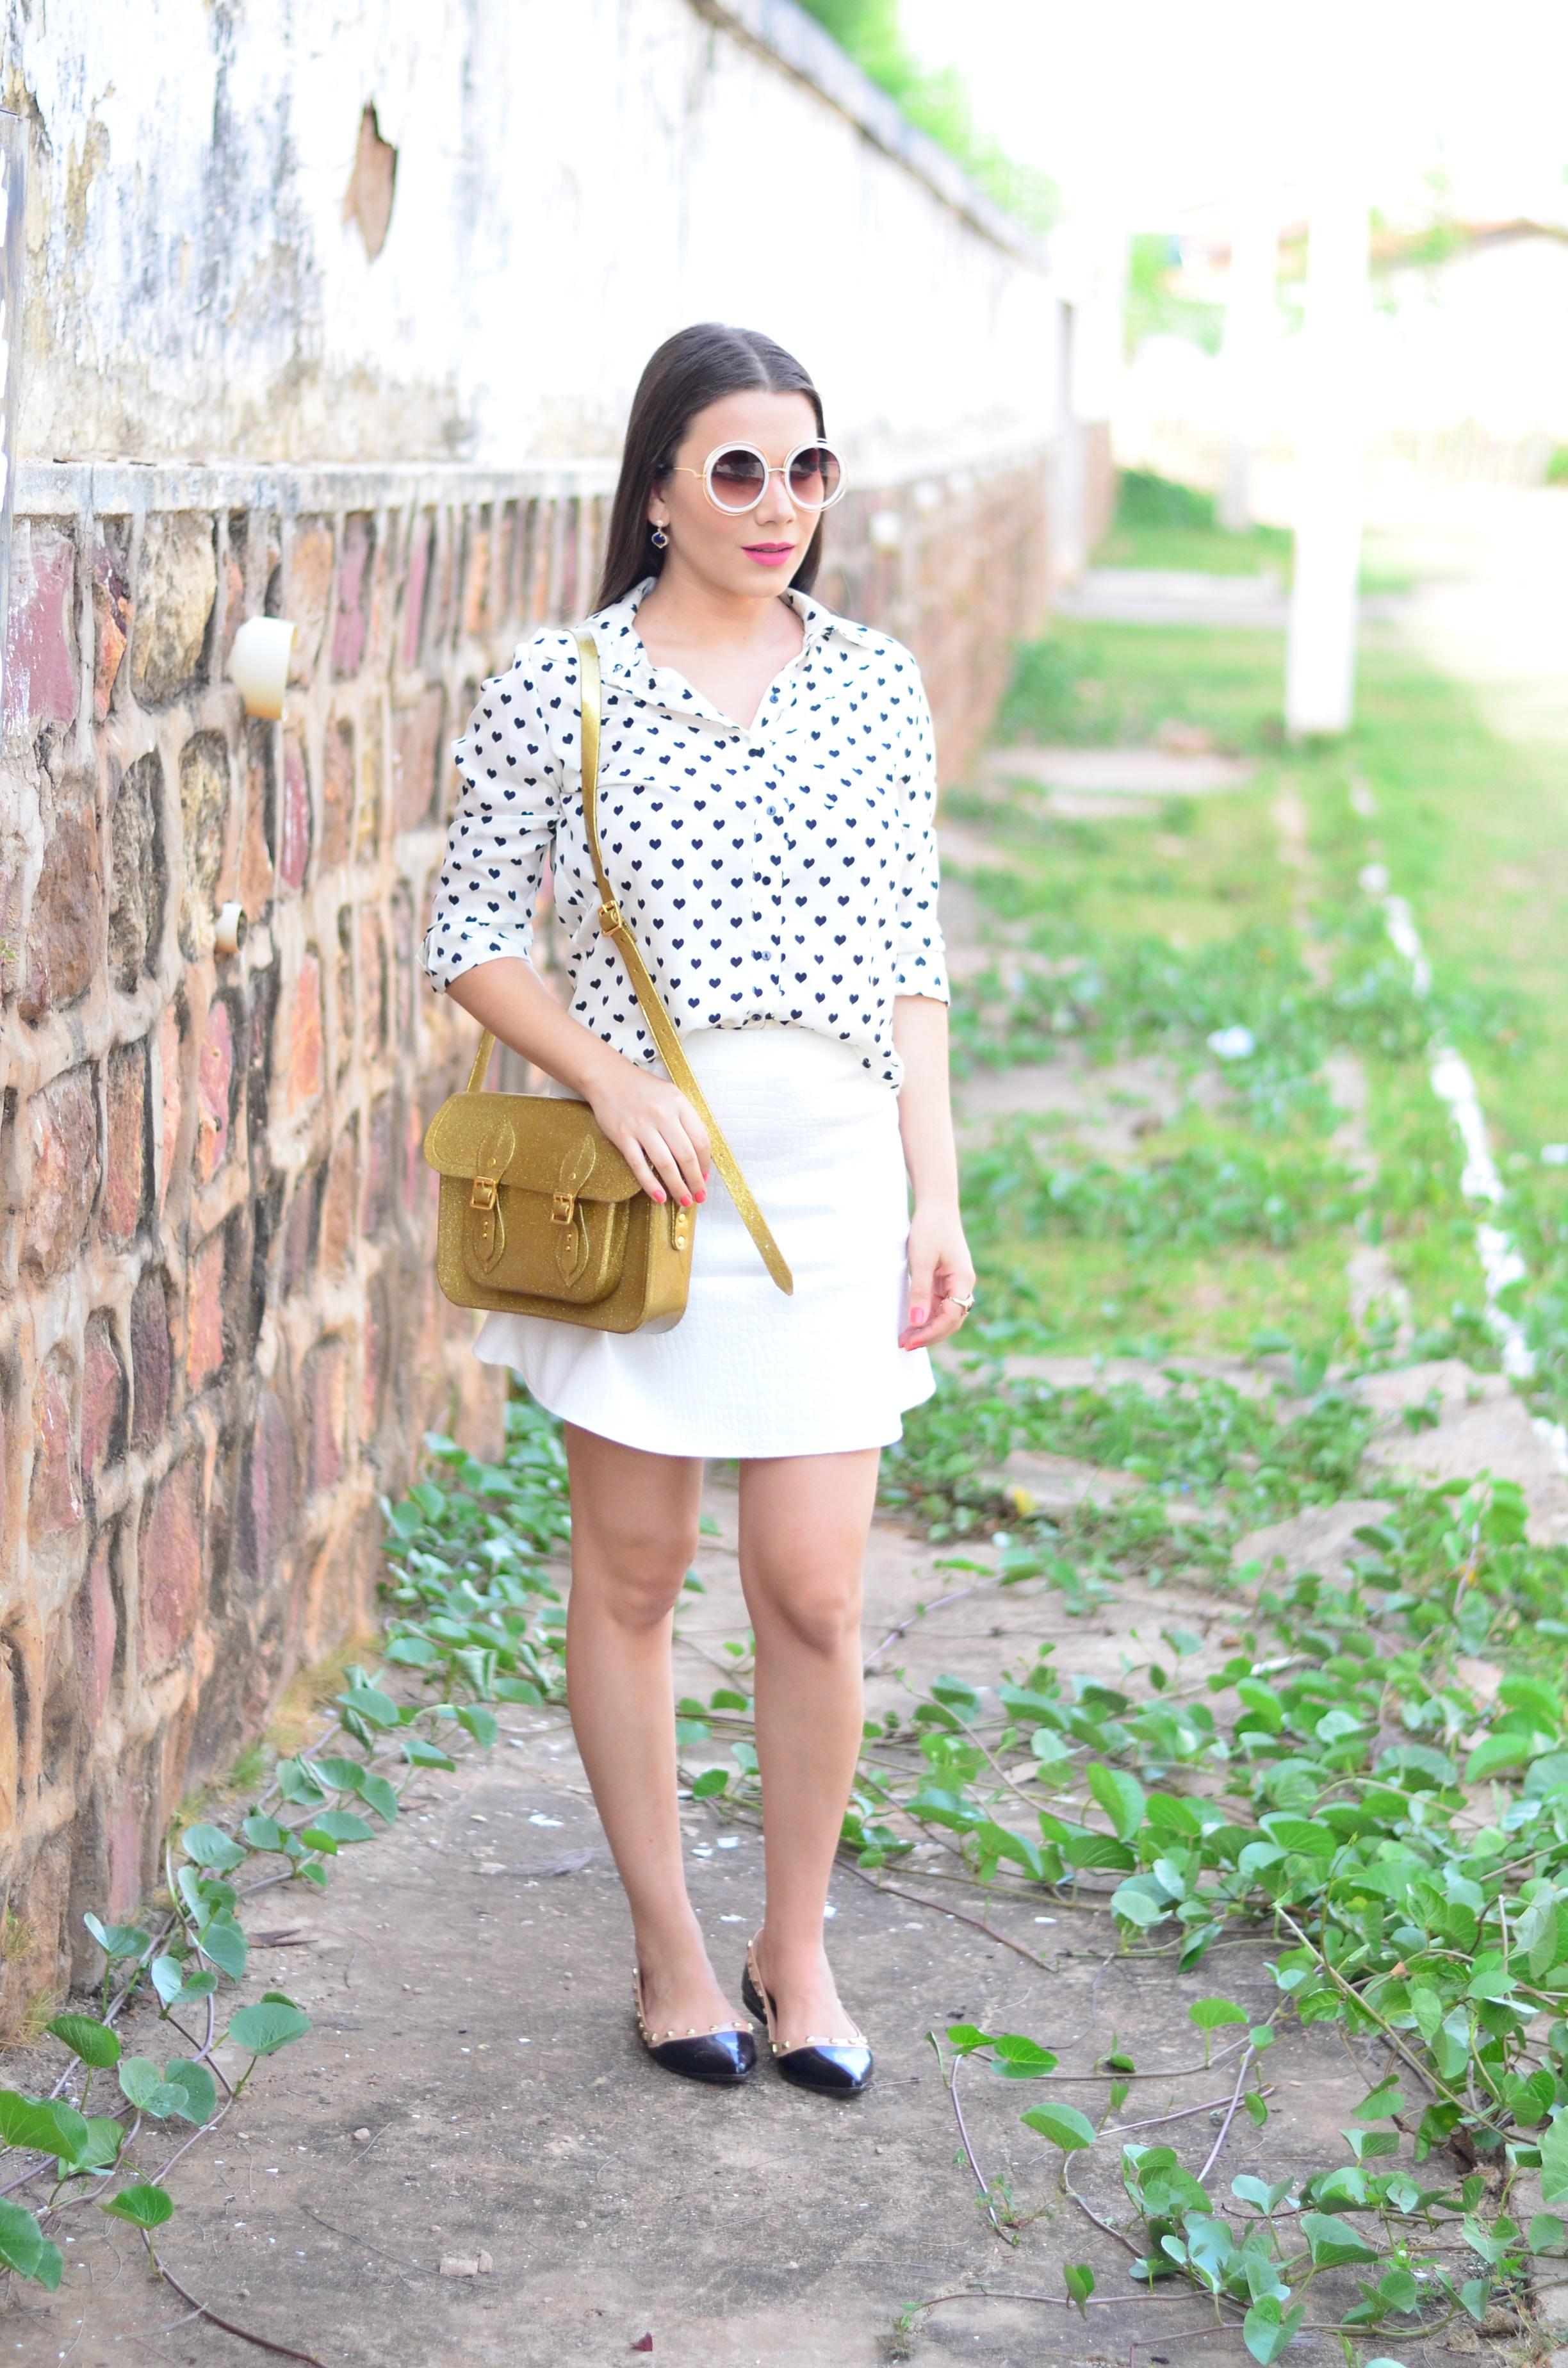 look-saia-e-camisa-branca-com-oculos-inspiracao-chloe-9